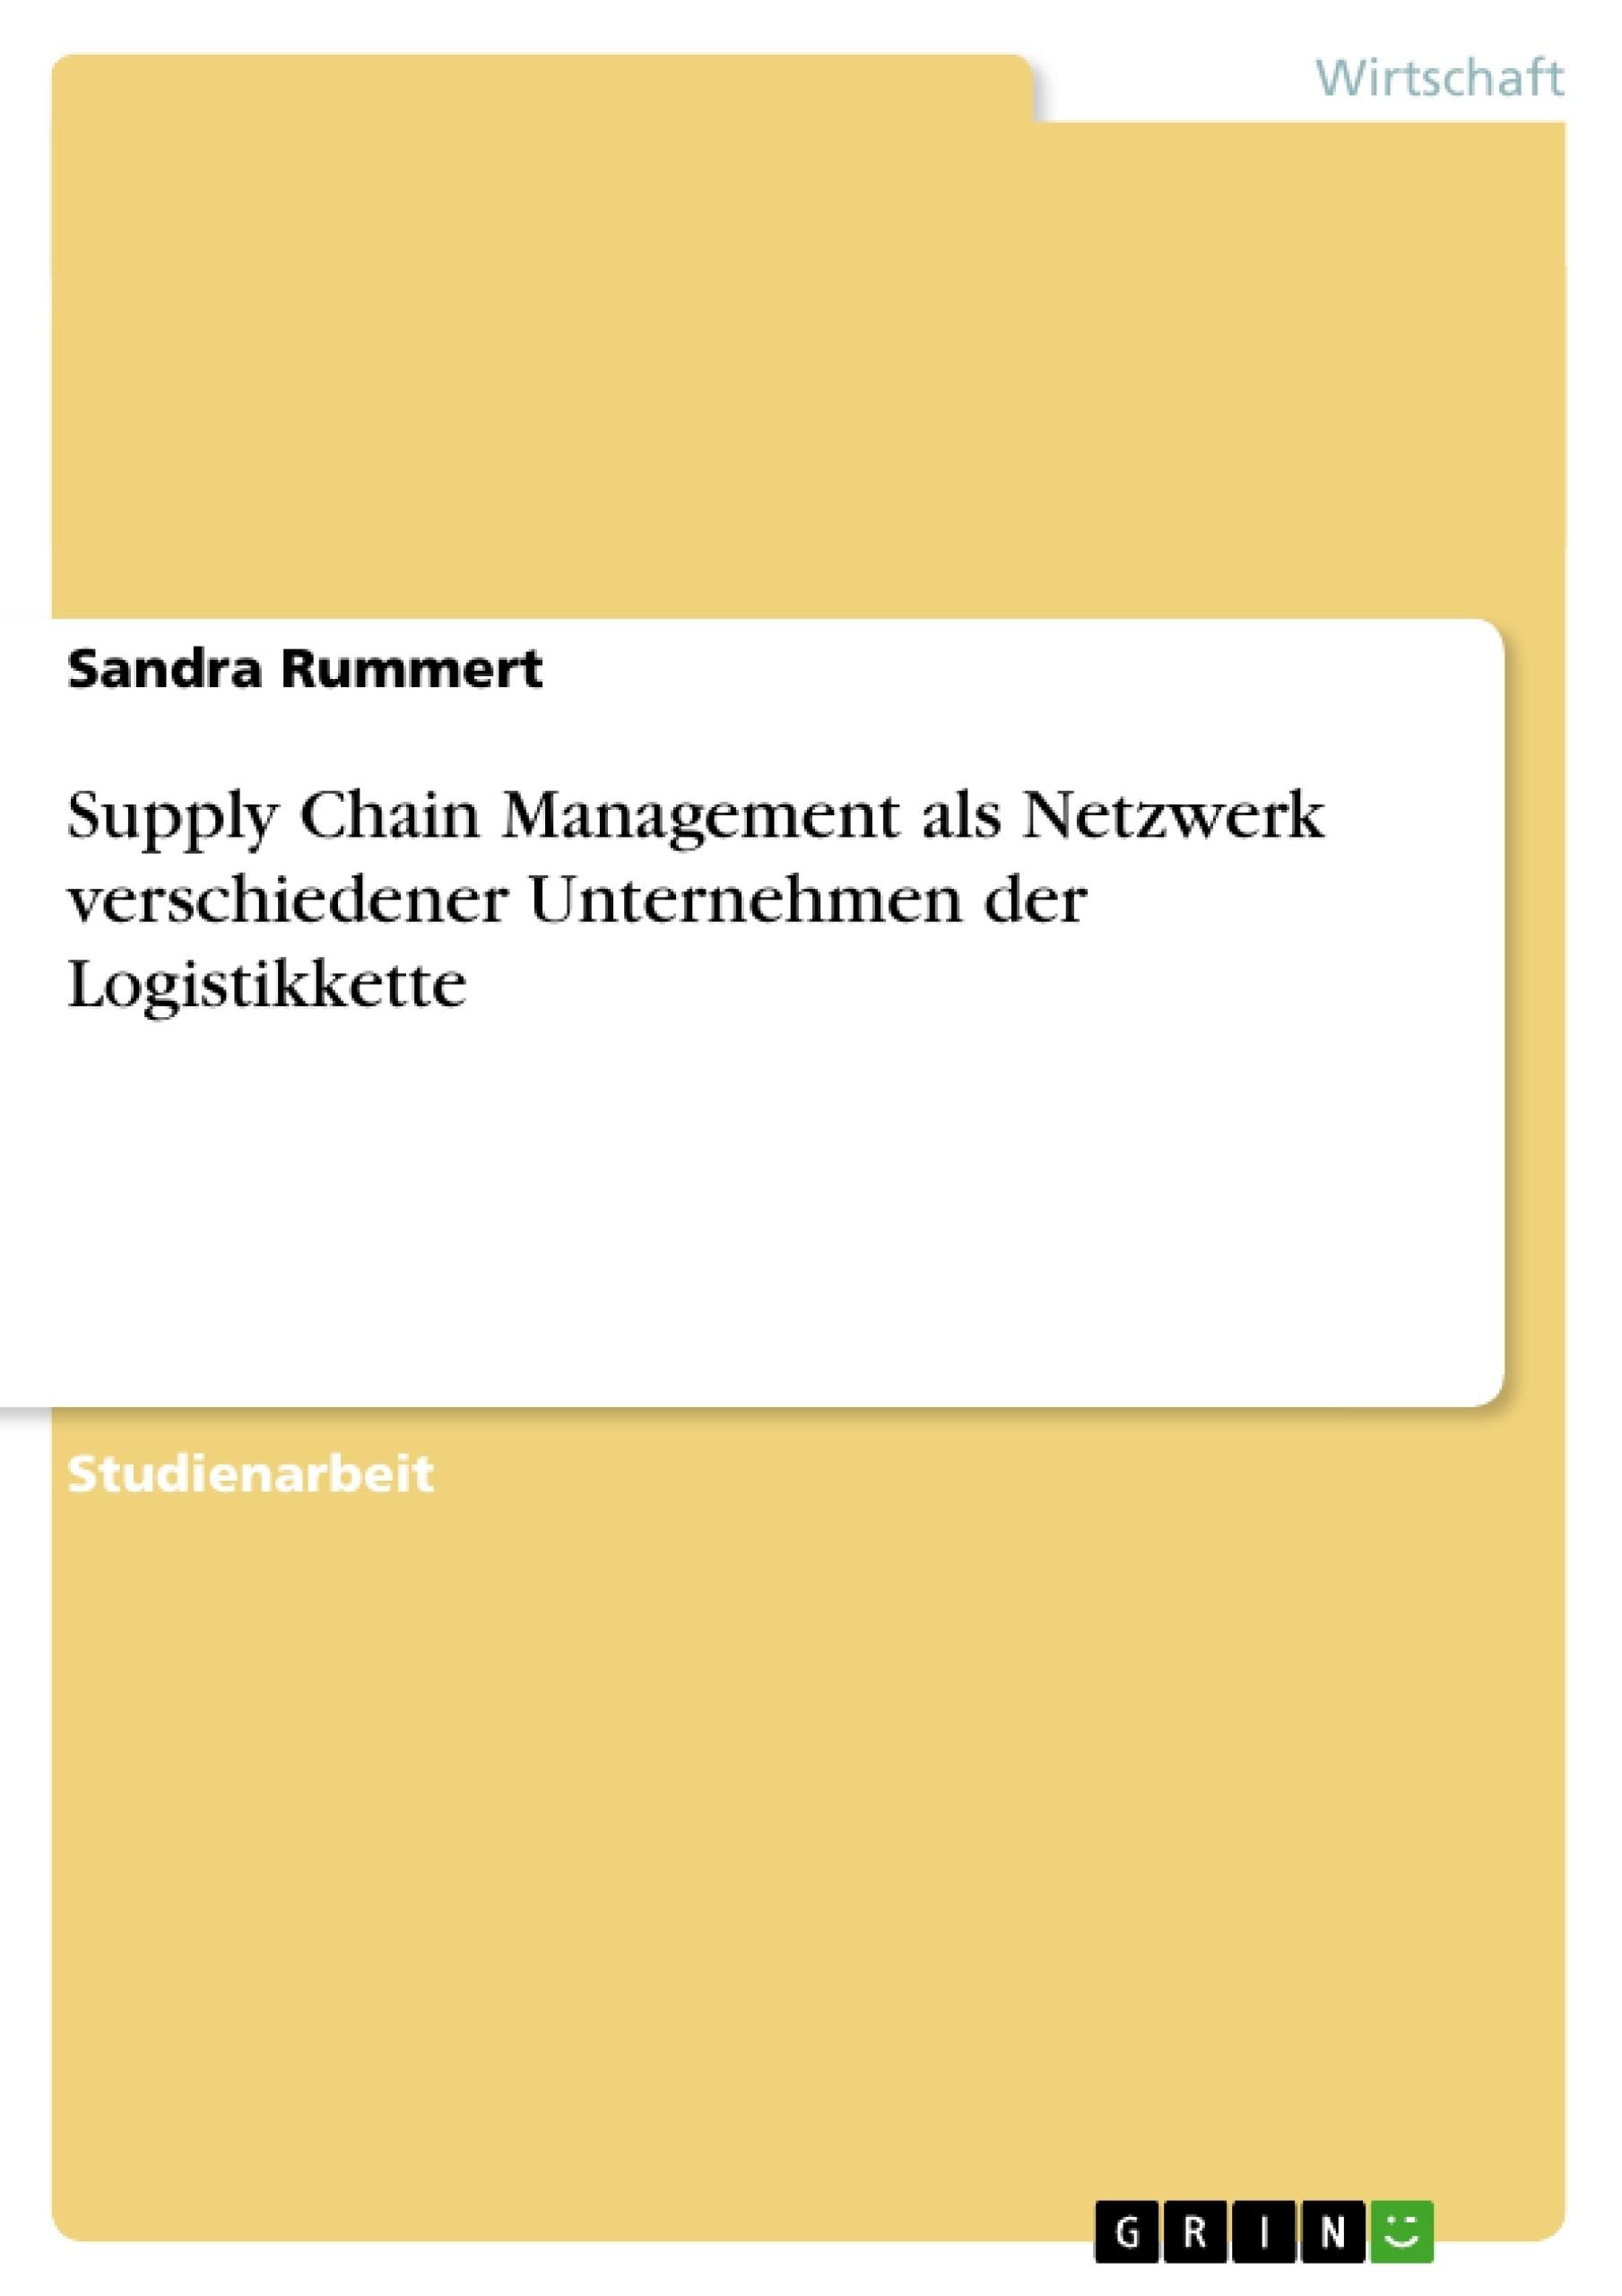 Titel: Supply Chain Management als Netzwerk verschiedener Unternehmen der Logistikkette